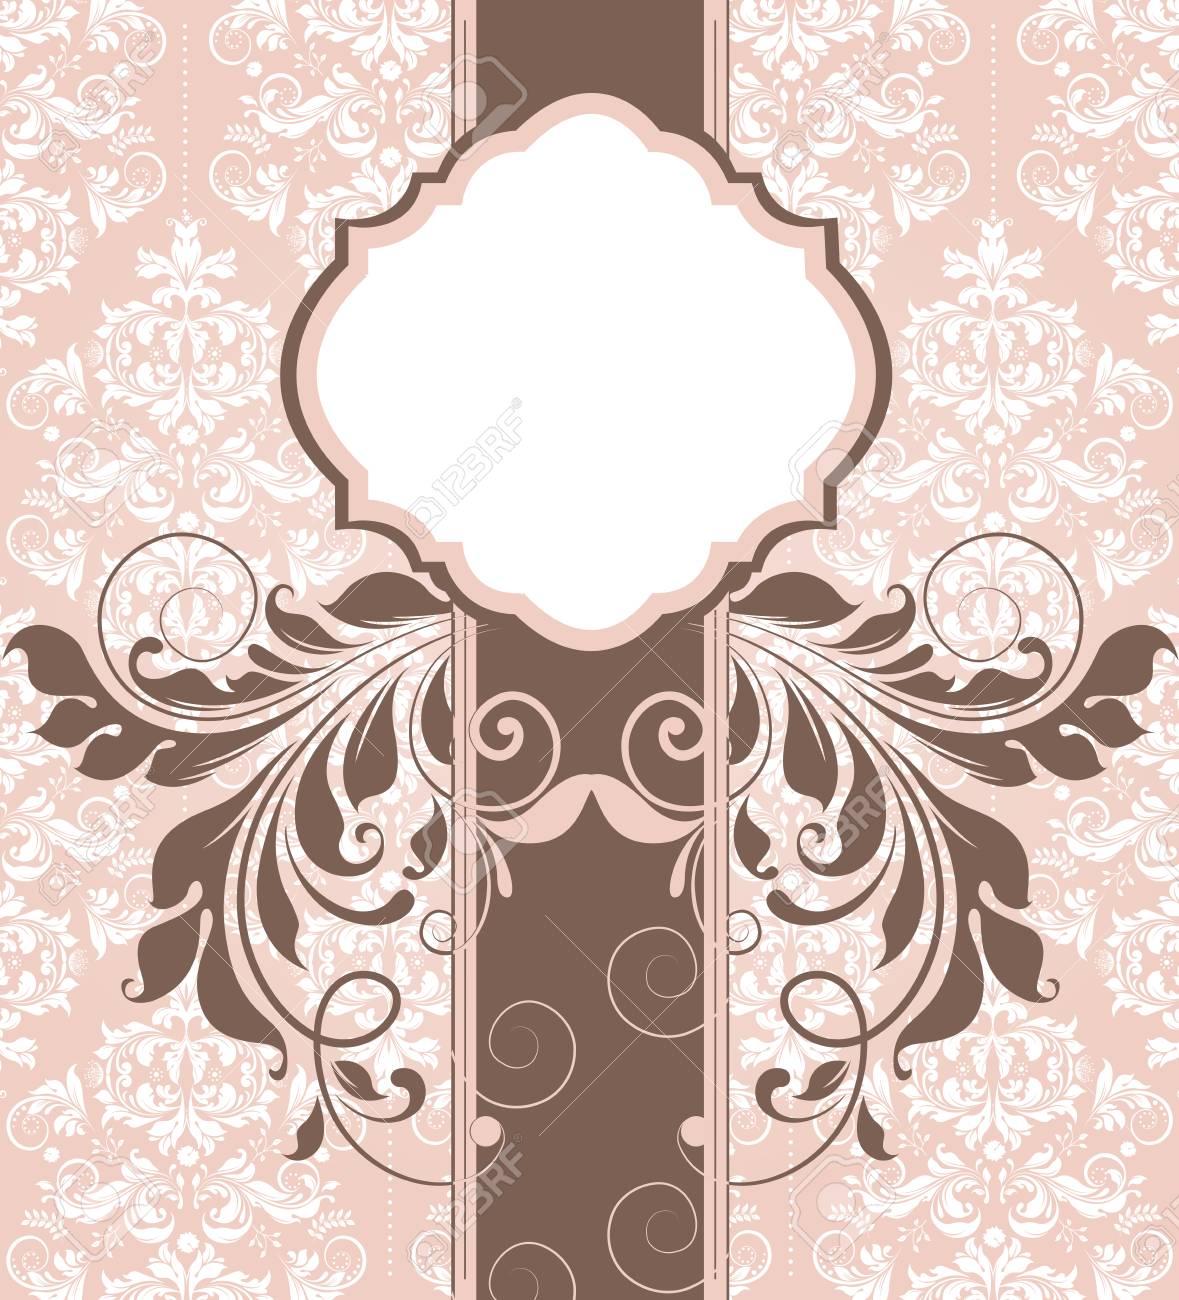 Tarjeta De Invitación Vintage Con Diseño Floral Abstracto Retro Elegante Adornado Flores Marrones Y Hojas Sobre Fondo Beige Y Blanco Con Etiqueta De